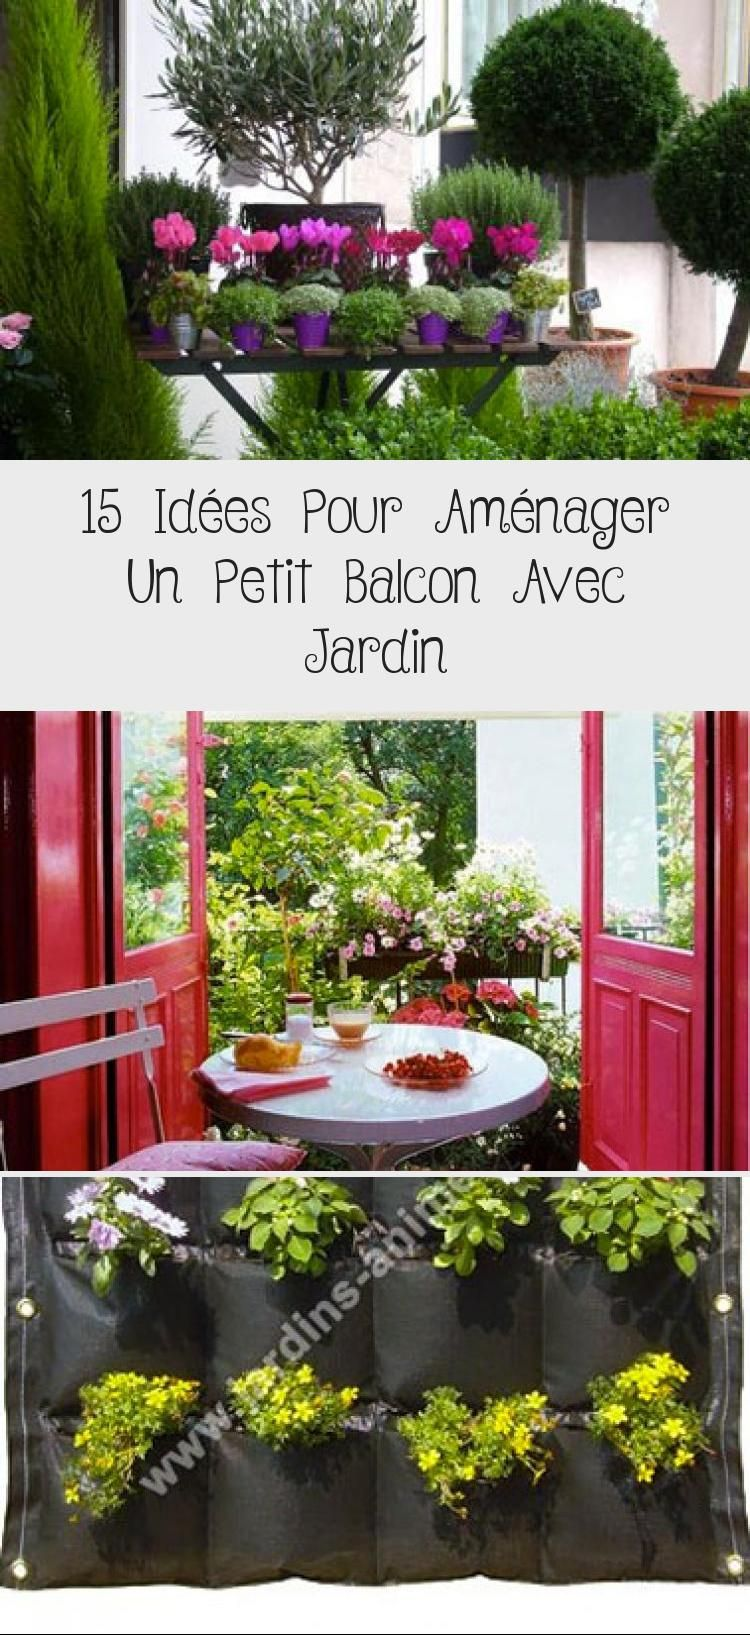 15 Idees Pour Amenager Un Petit Balcon Avec Jardin Petunias Pot De Plants